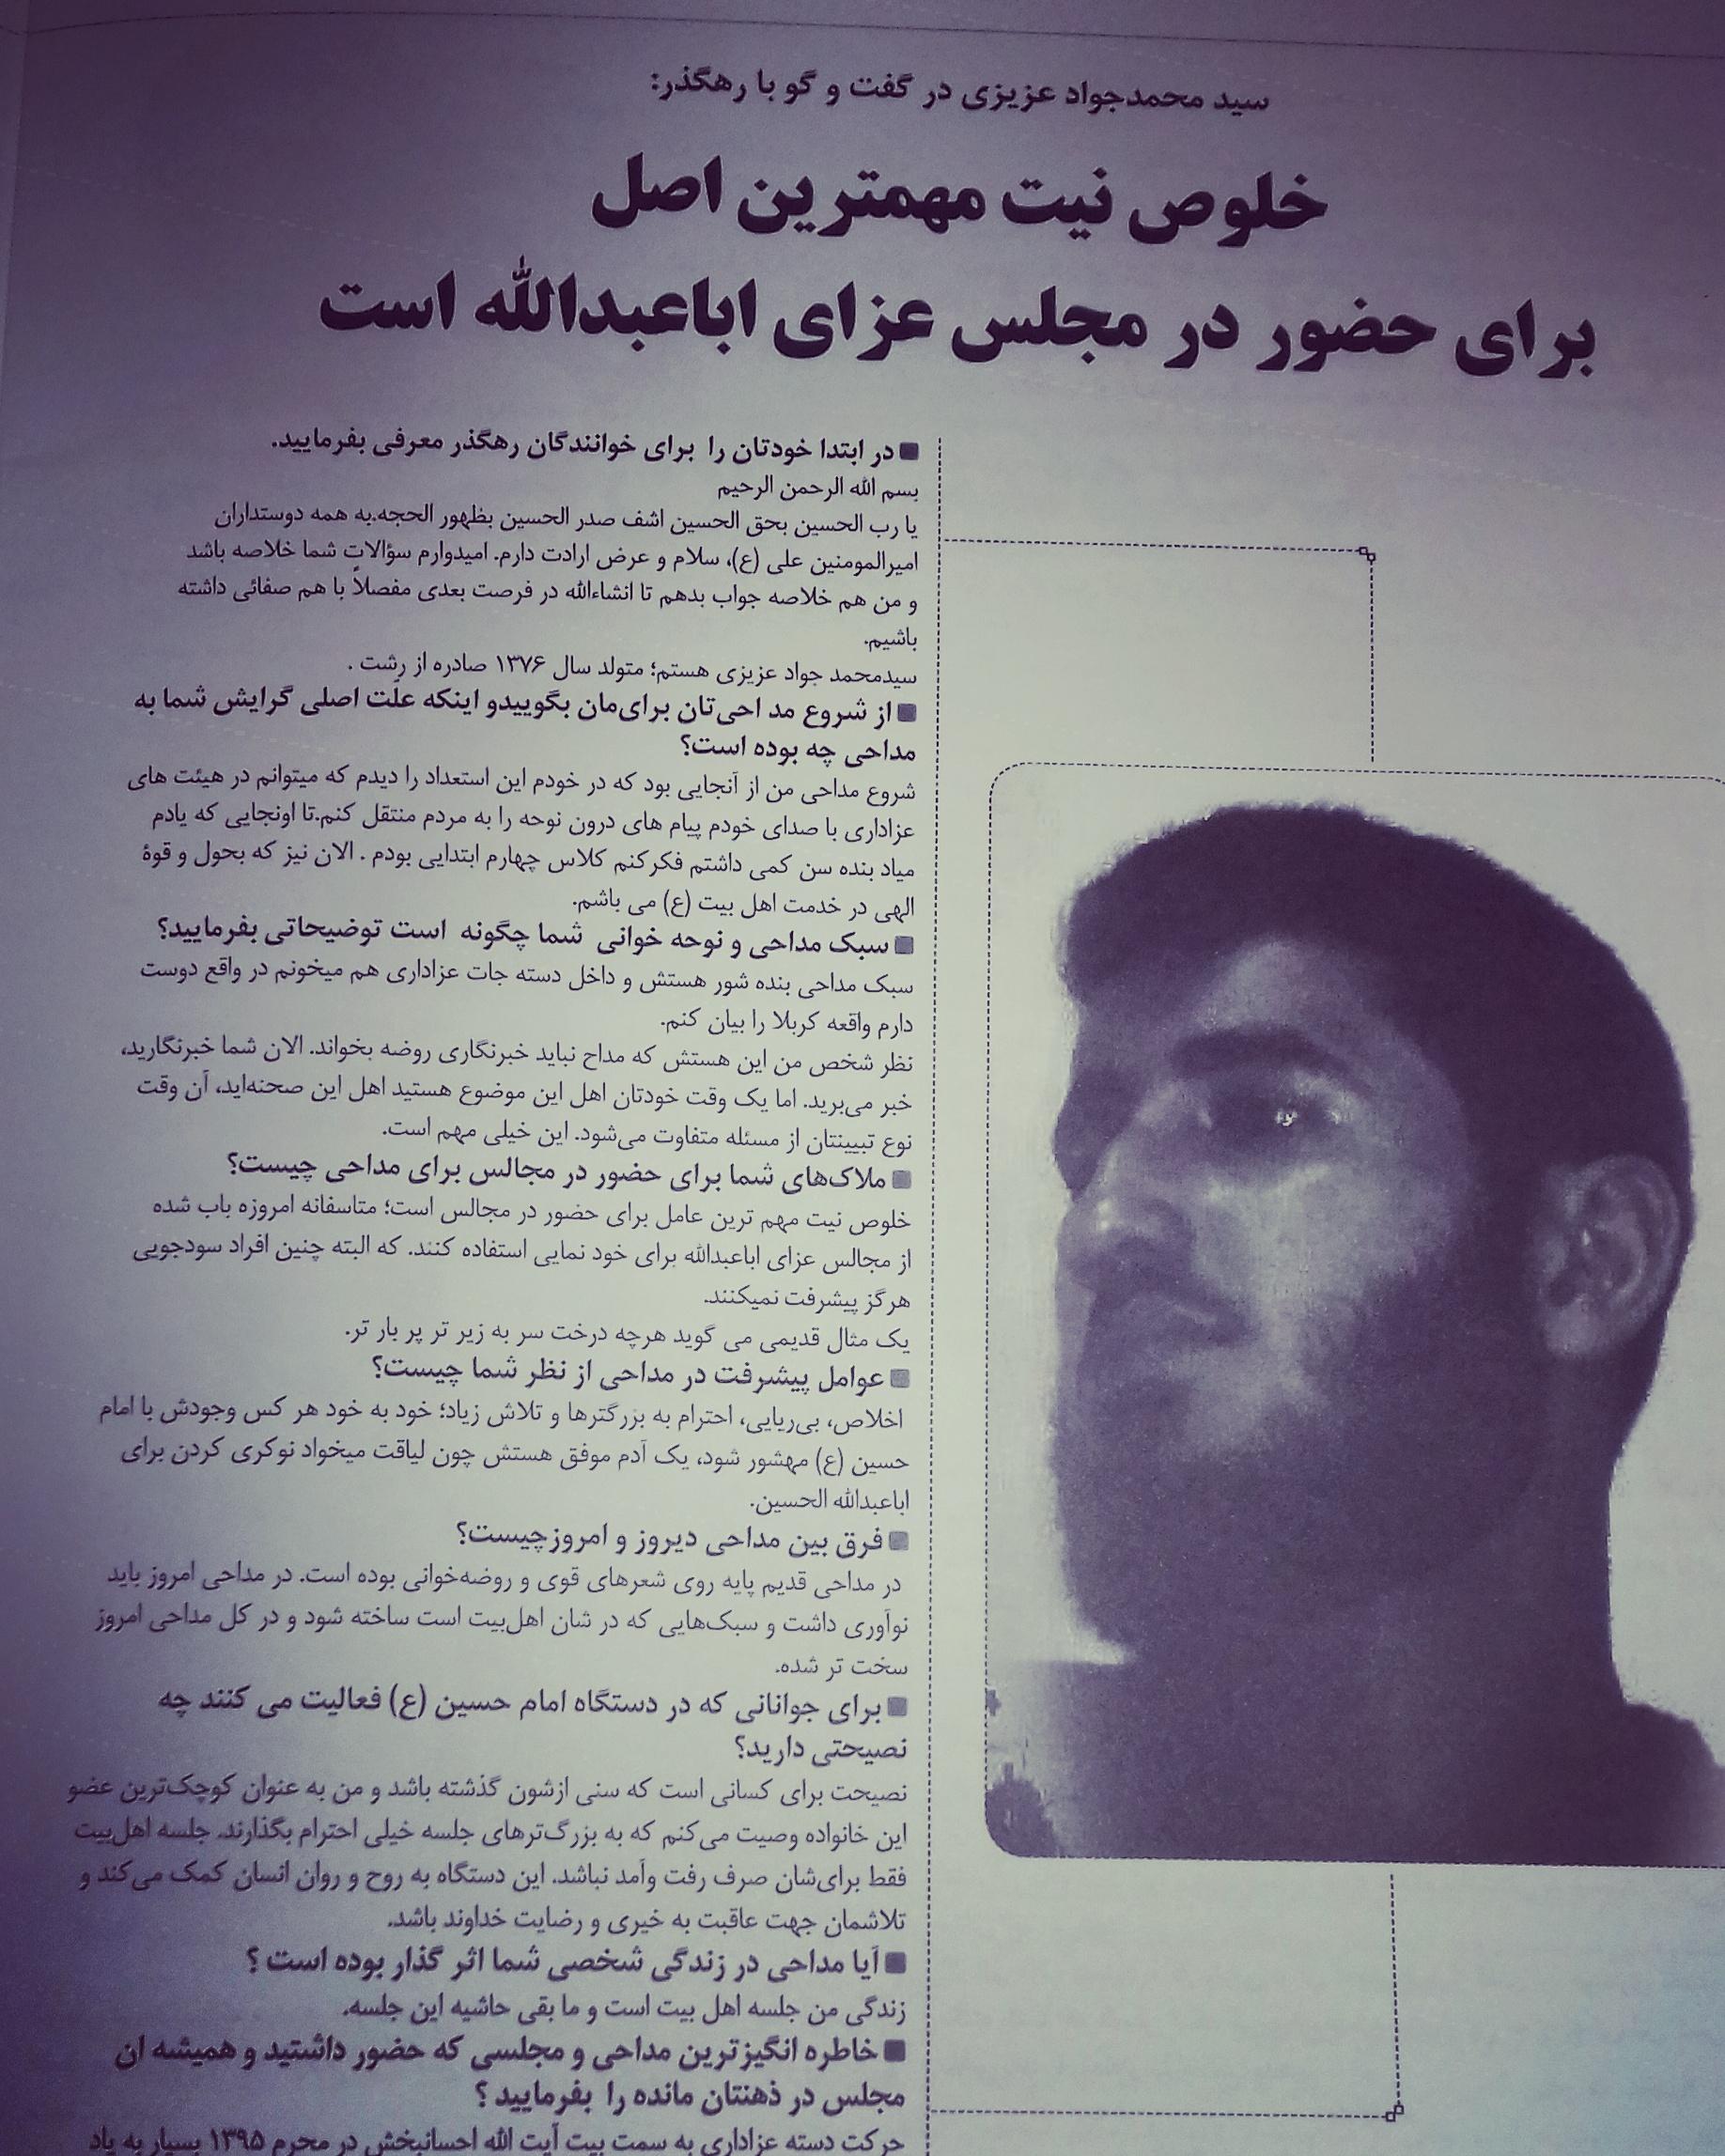 سیدمحمدجوادعزیزی و مجله رهگذر